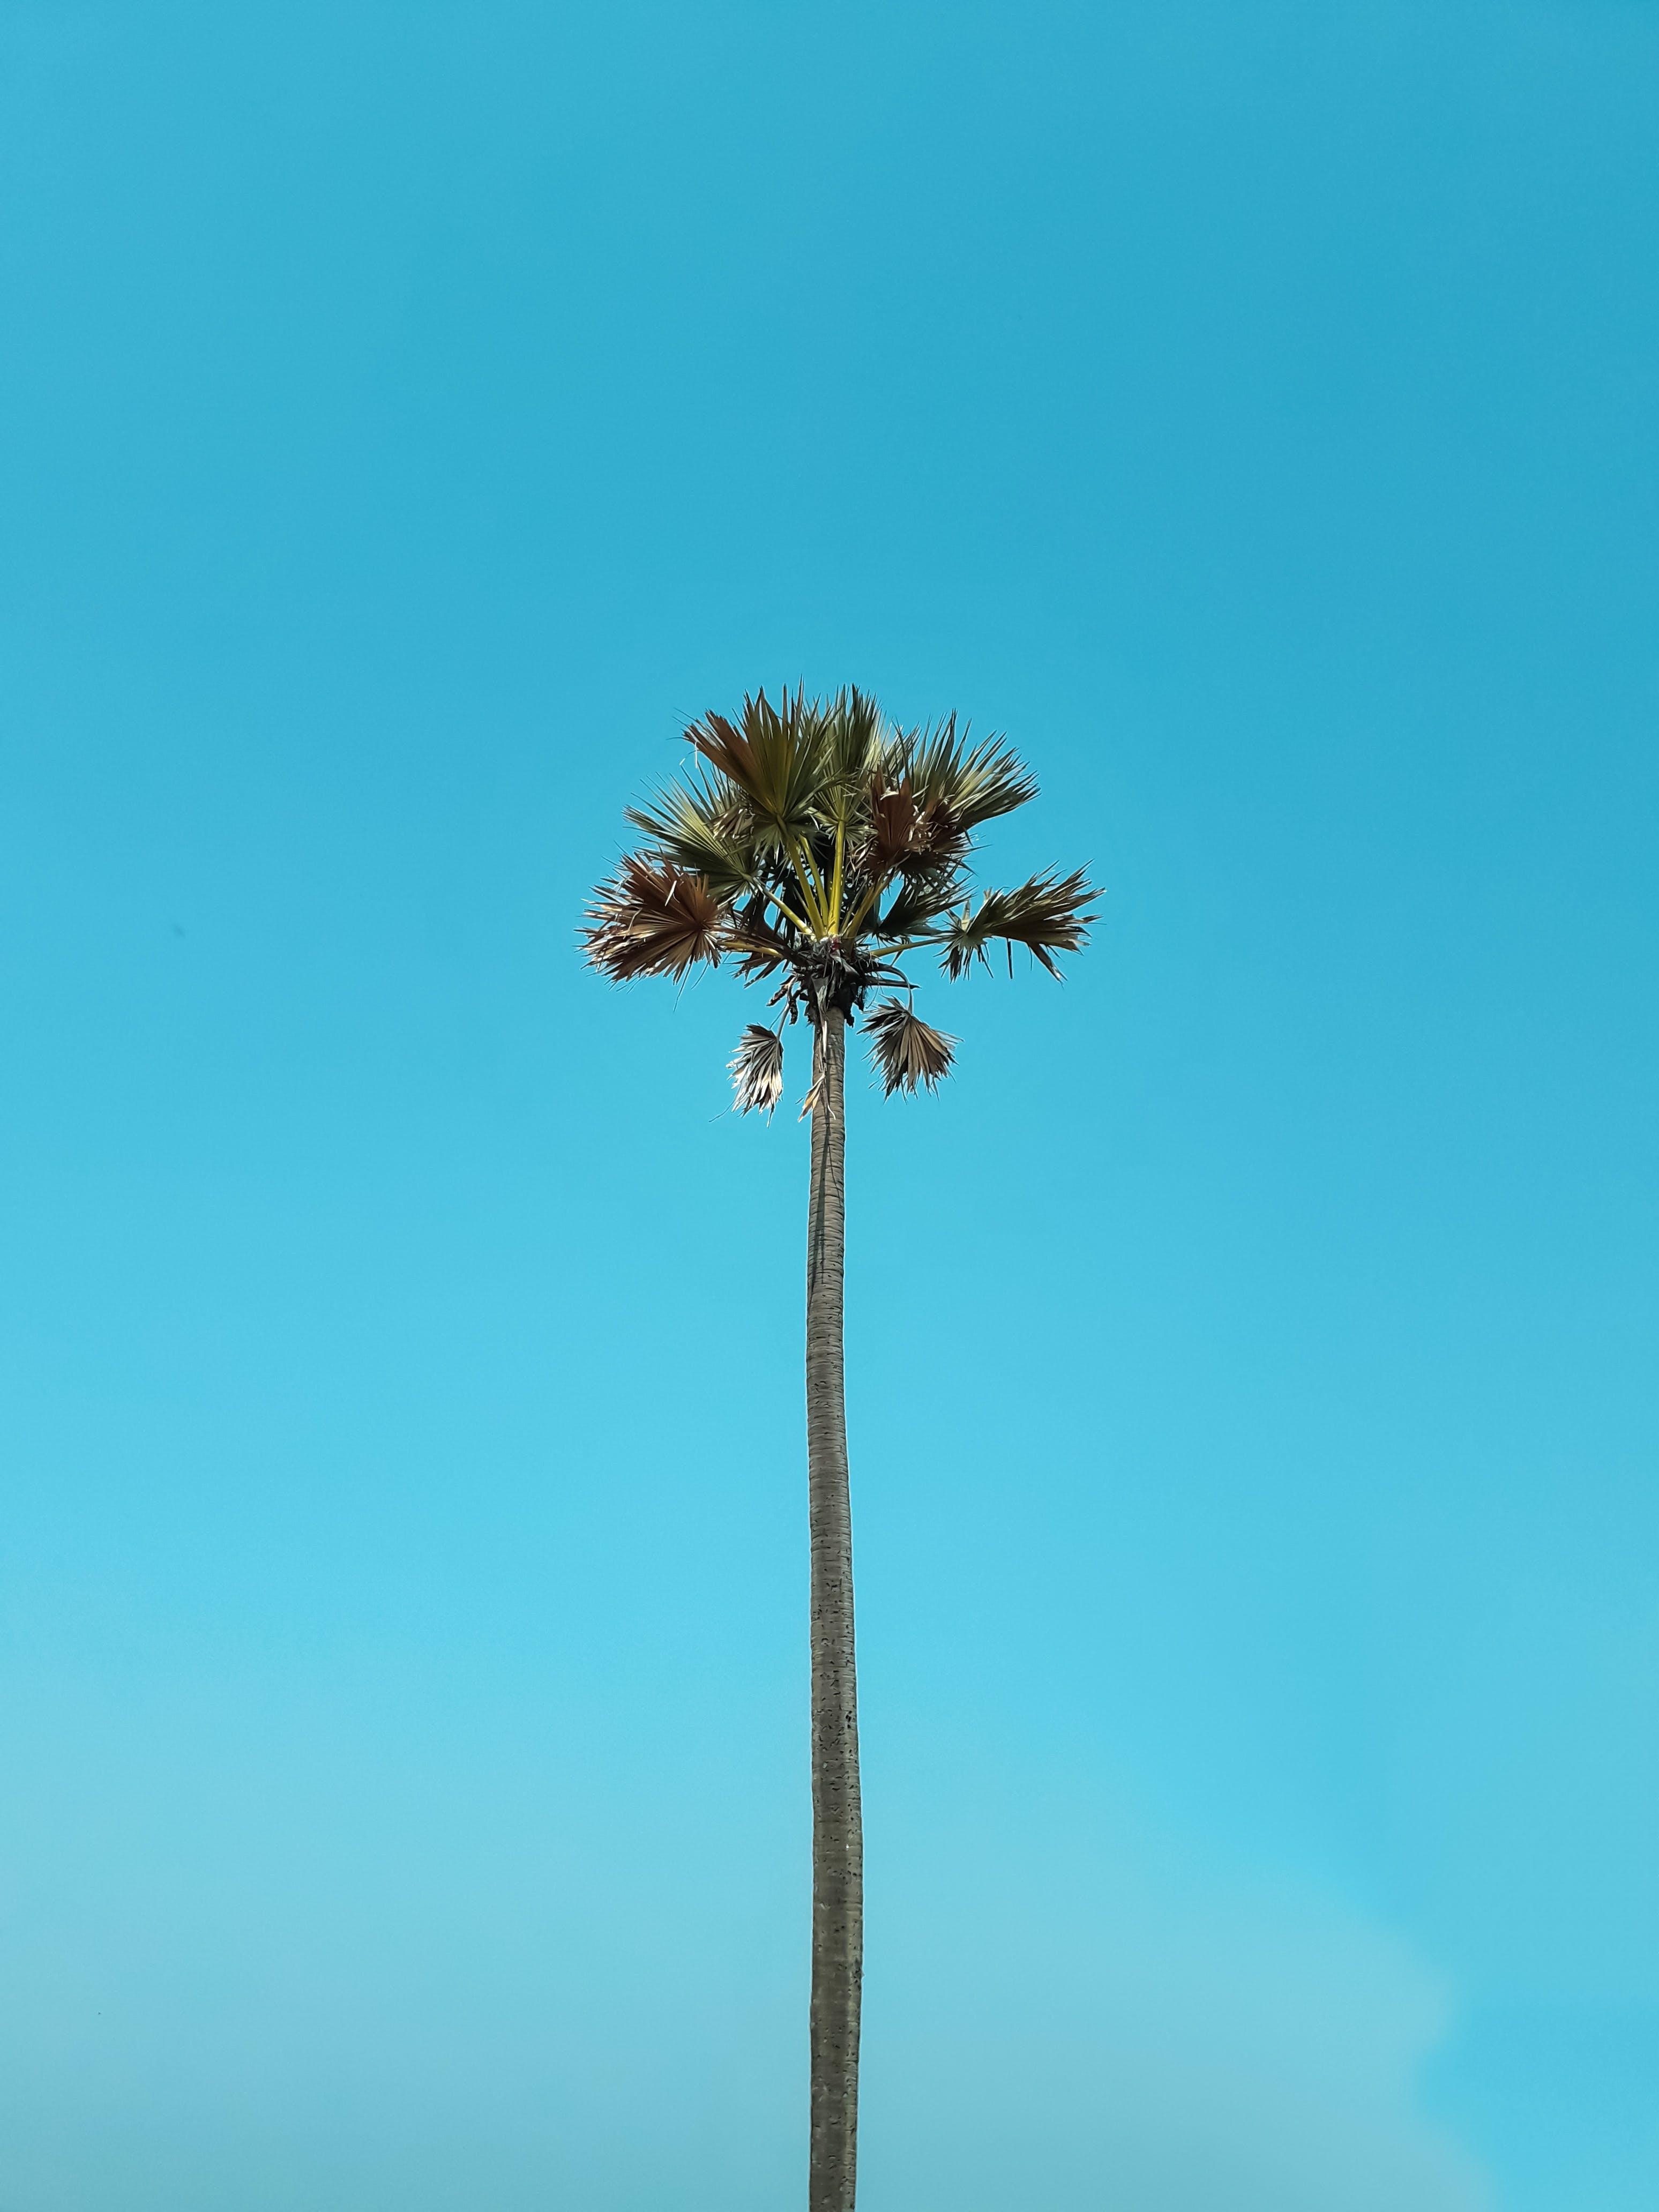 คลังภาพถ่ายฟรี ของ งดงาม, ท้องฟ้าสีคราม, ฤดูร้อน, เขตร้อน